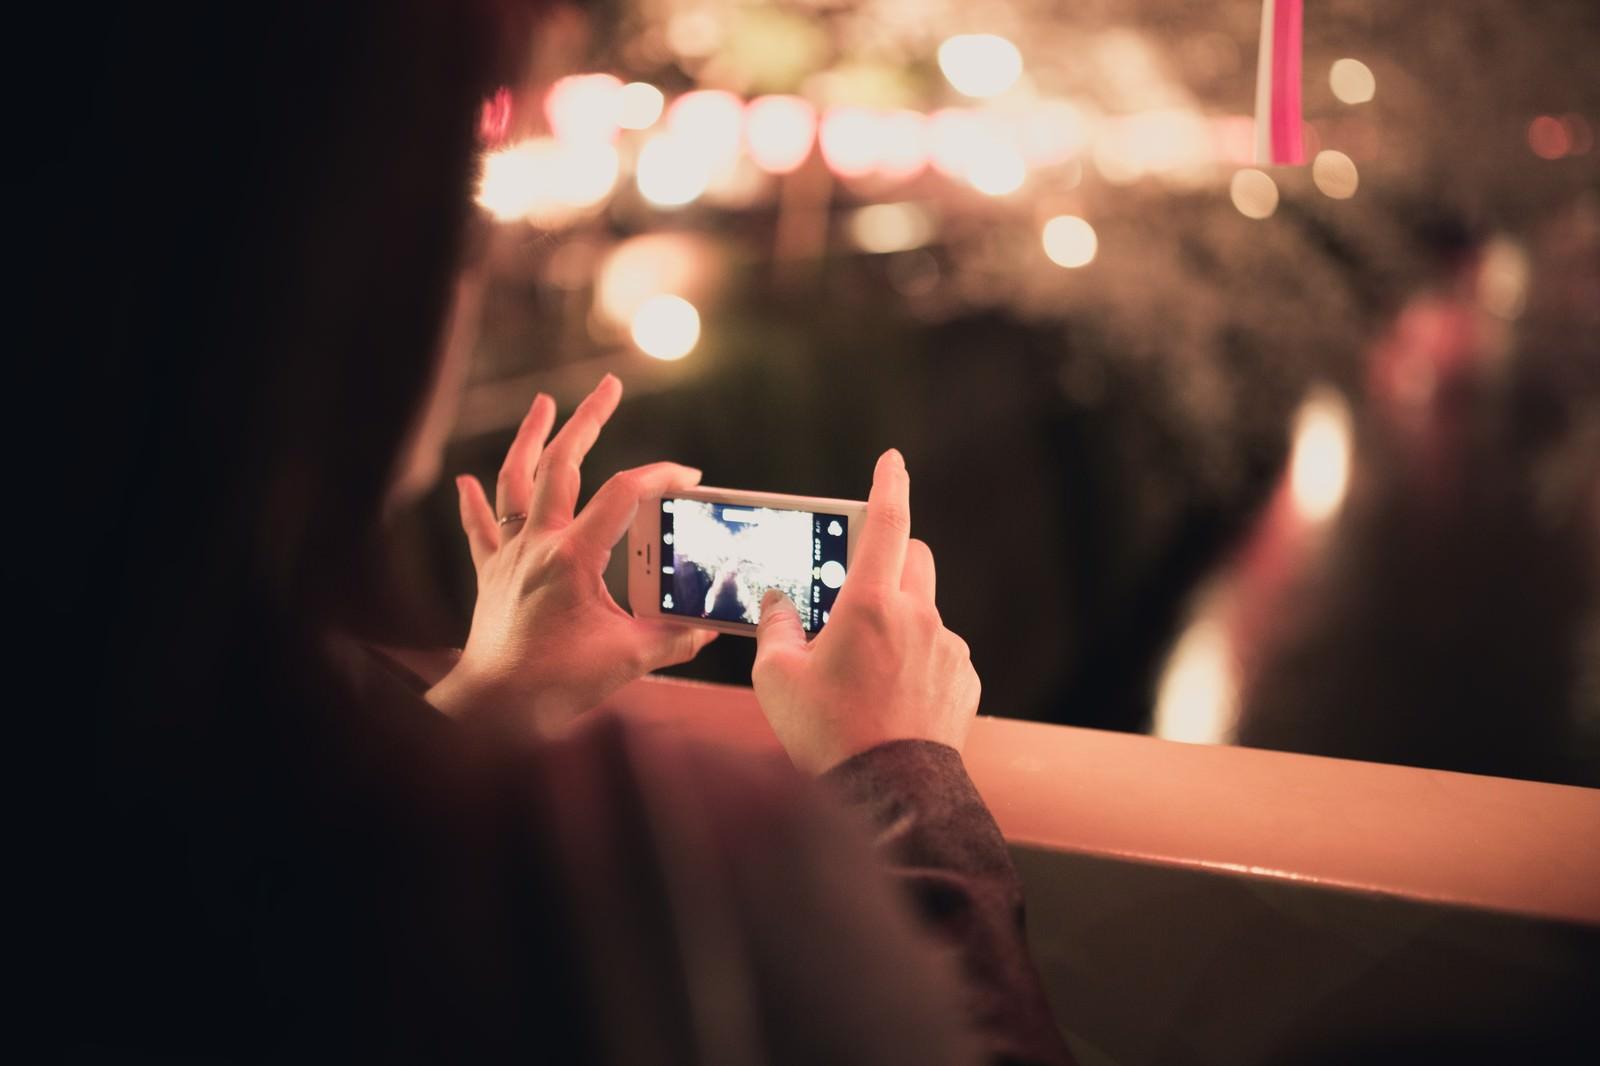 「スマホで夜桜を撮影する女性」の写真